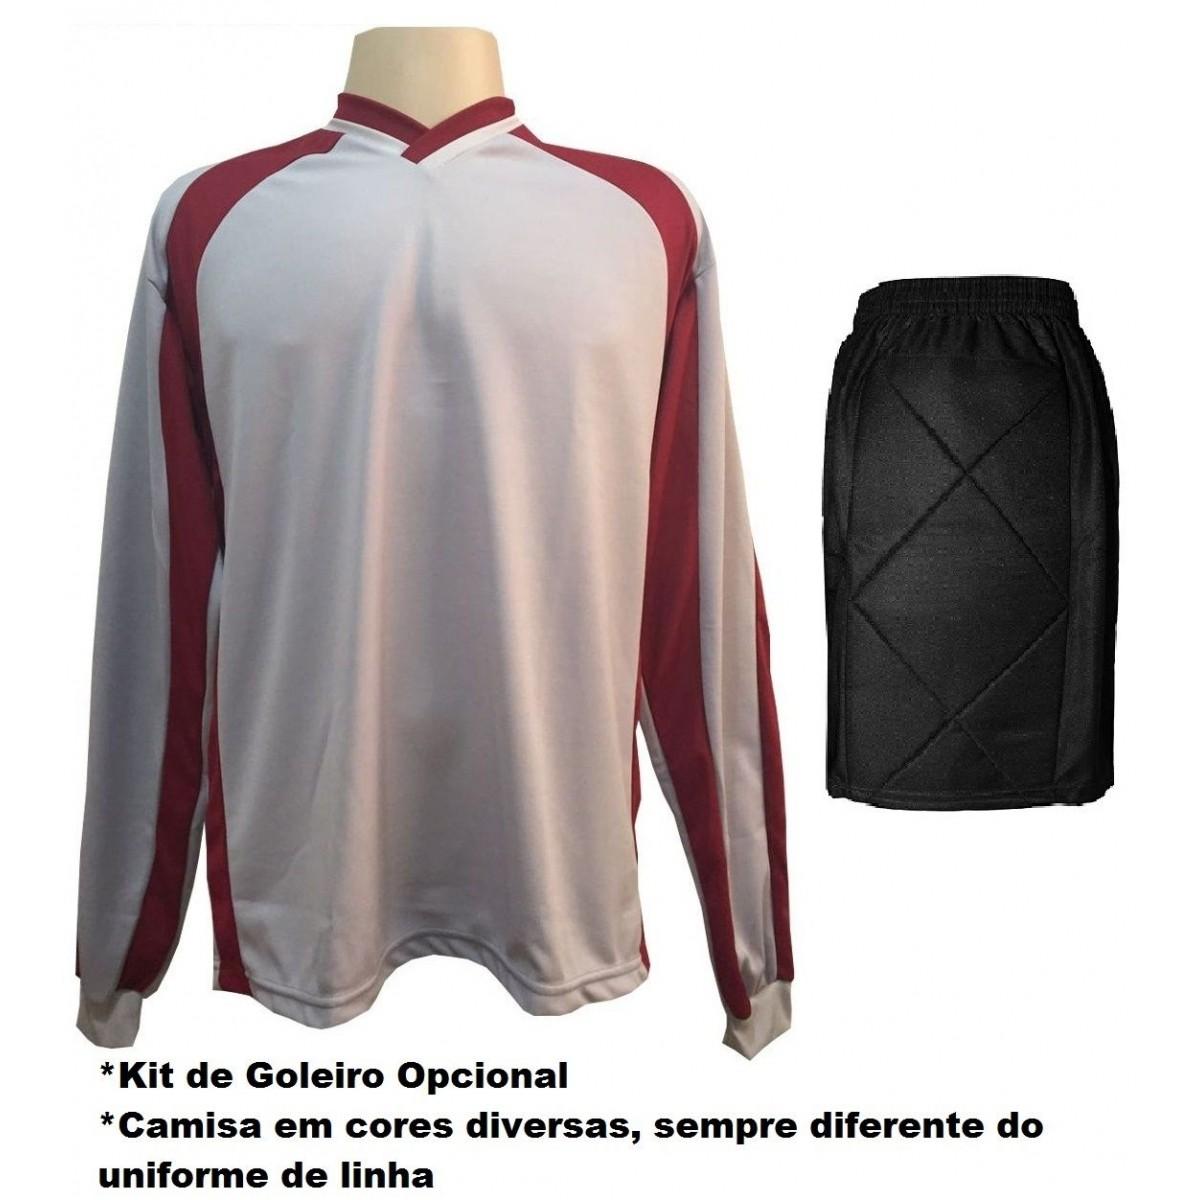 Uniforme Esportivo com 18 Camisas modelo Milan Celeste/Branco + 18 Calções modelo Madrid Preto + Brindes